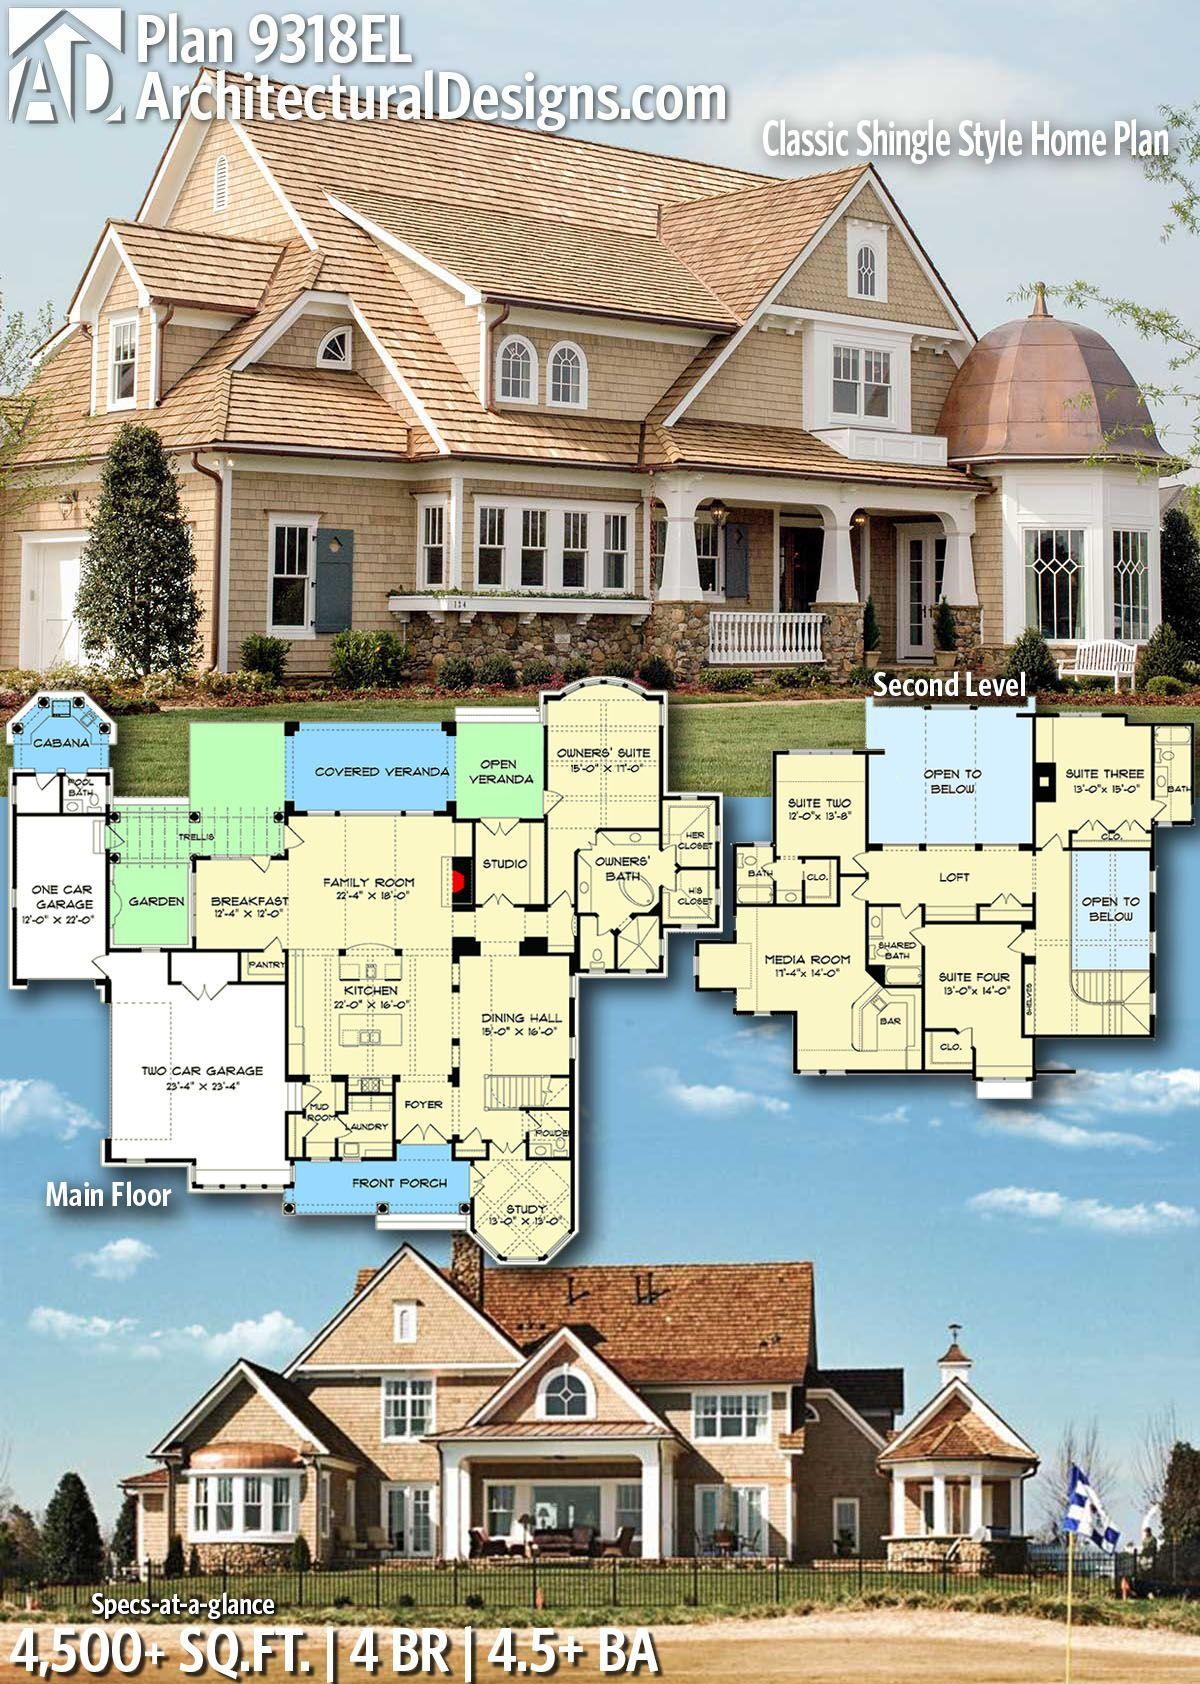 Plan 9318el Classic Shingle Style Home Plan Casas Casas Enormes Construcao De Casas